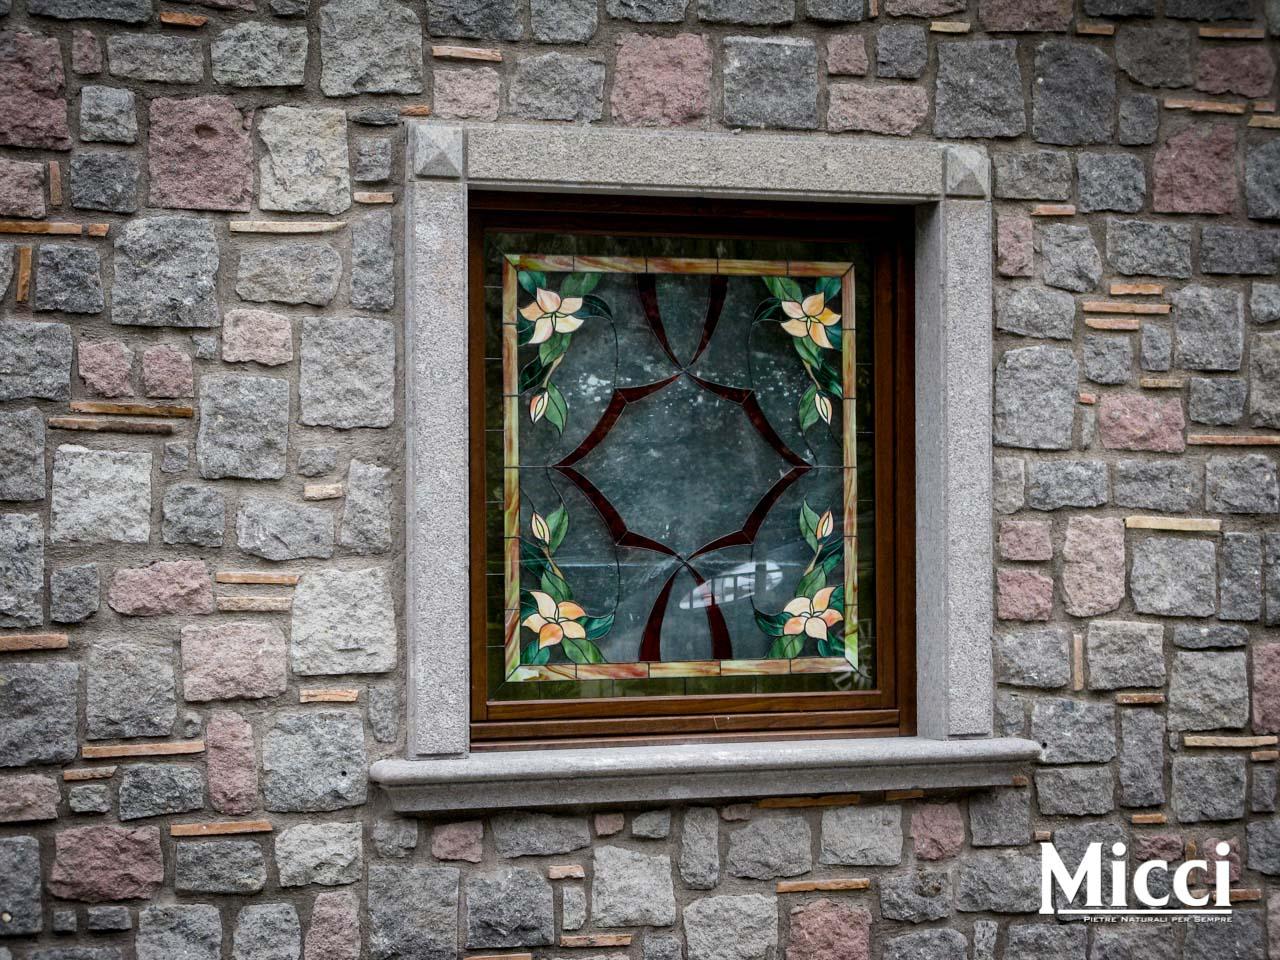 Cornici Finestre in Pietra: facciate uniche e di valore